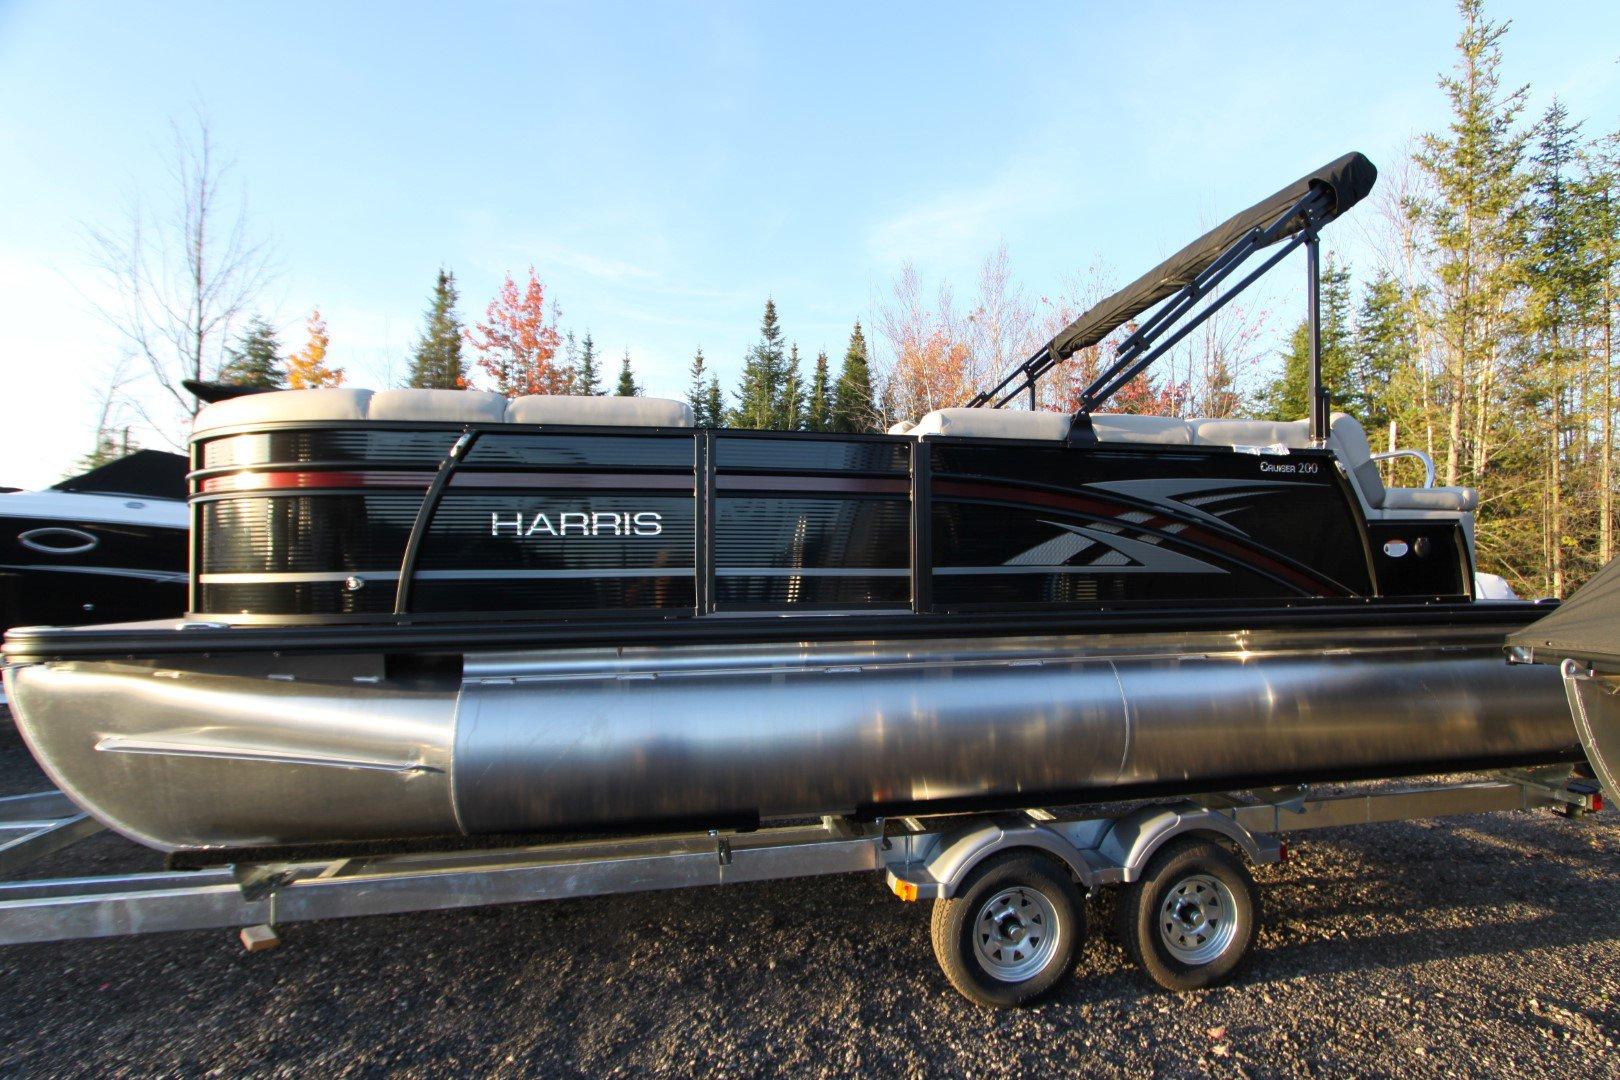 Harris Cruiser 200 - IMG_8157